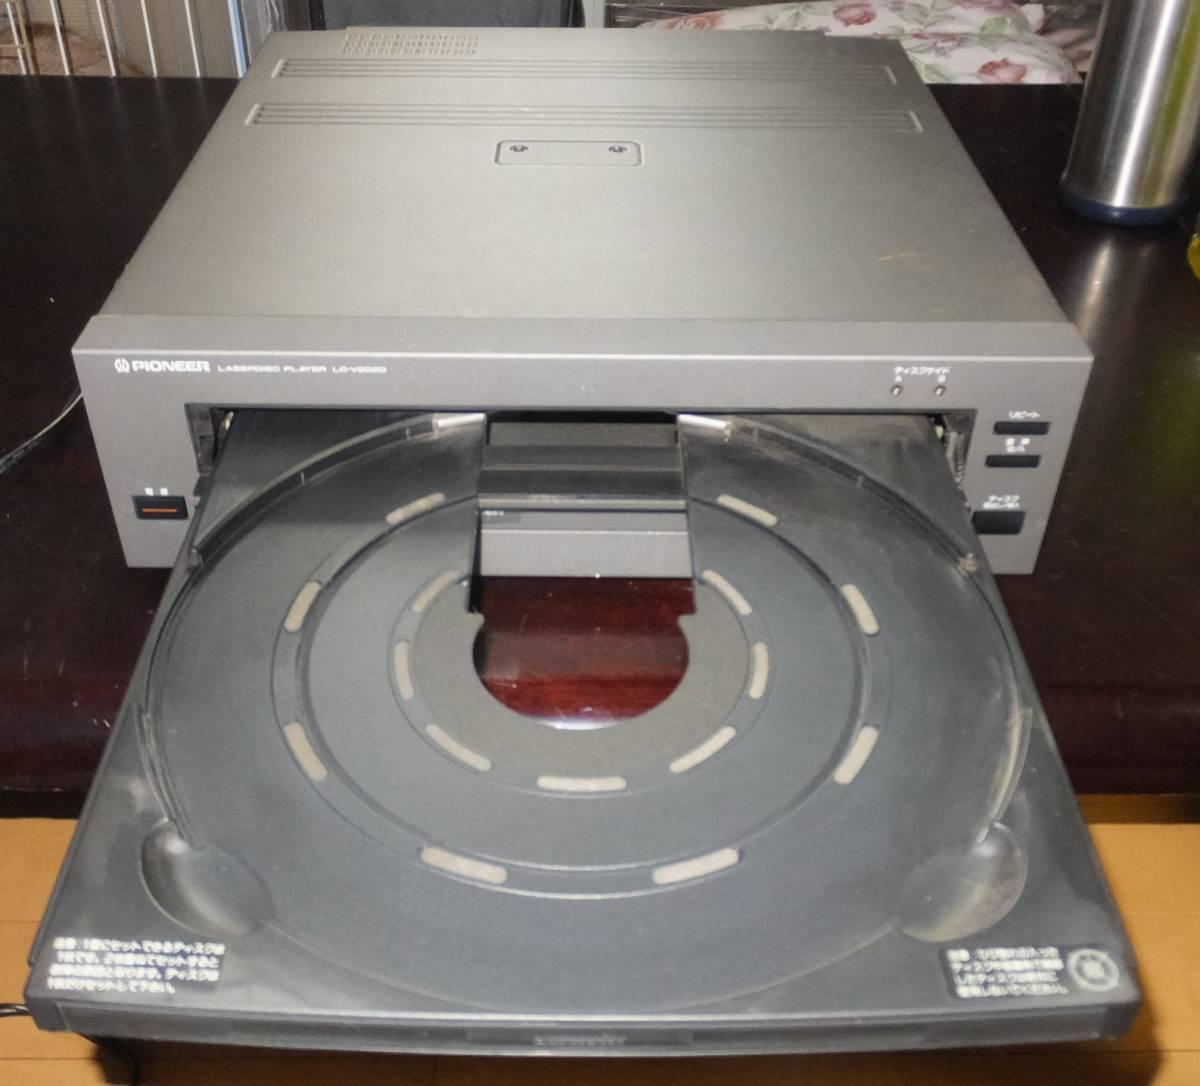 パイオニア PIONEER レーザーディスク プレーヤーデッキ LD-V2020 ジャンク_画像2